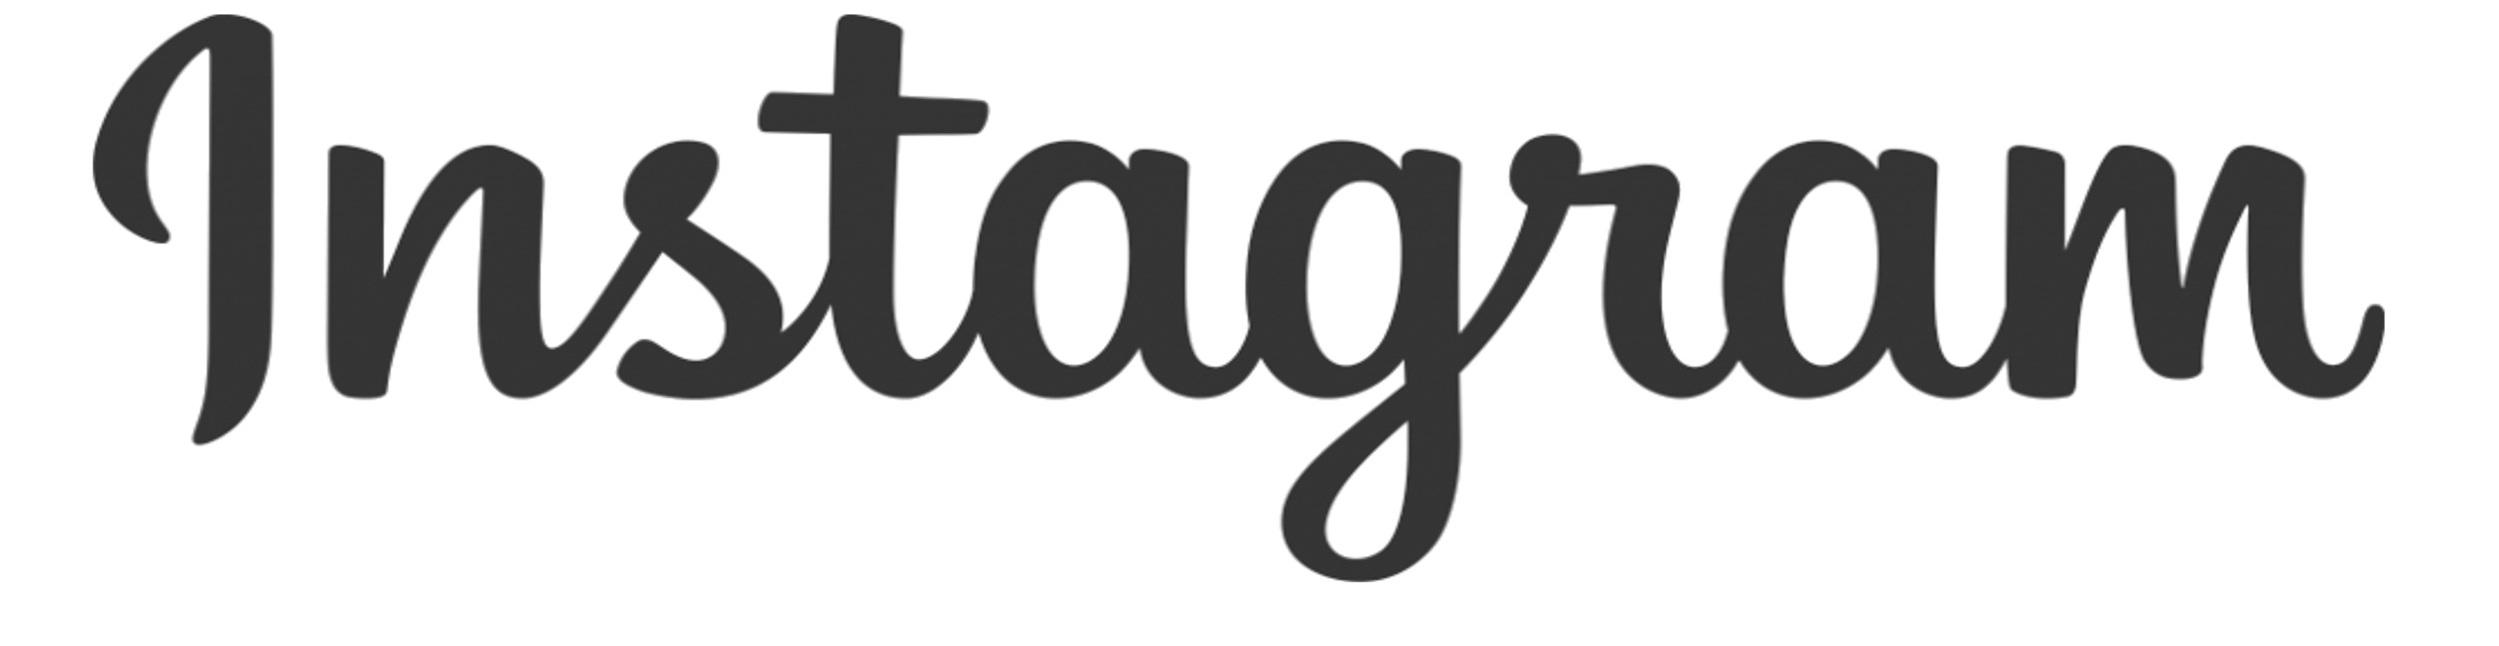 Insta-logo.jpg